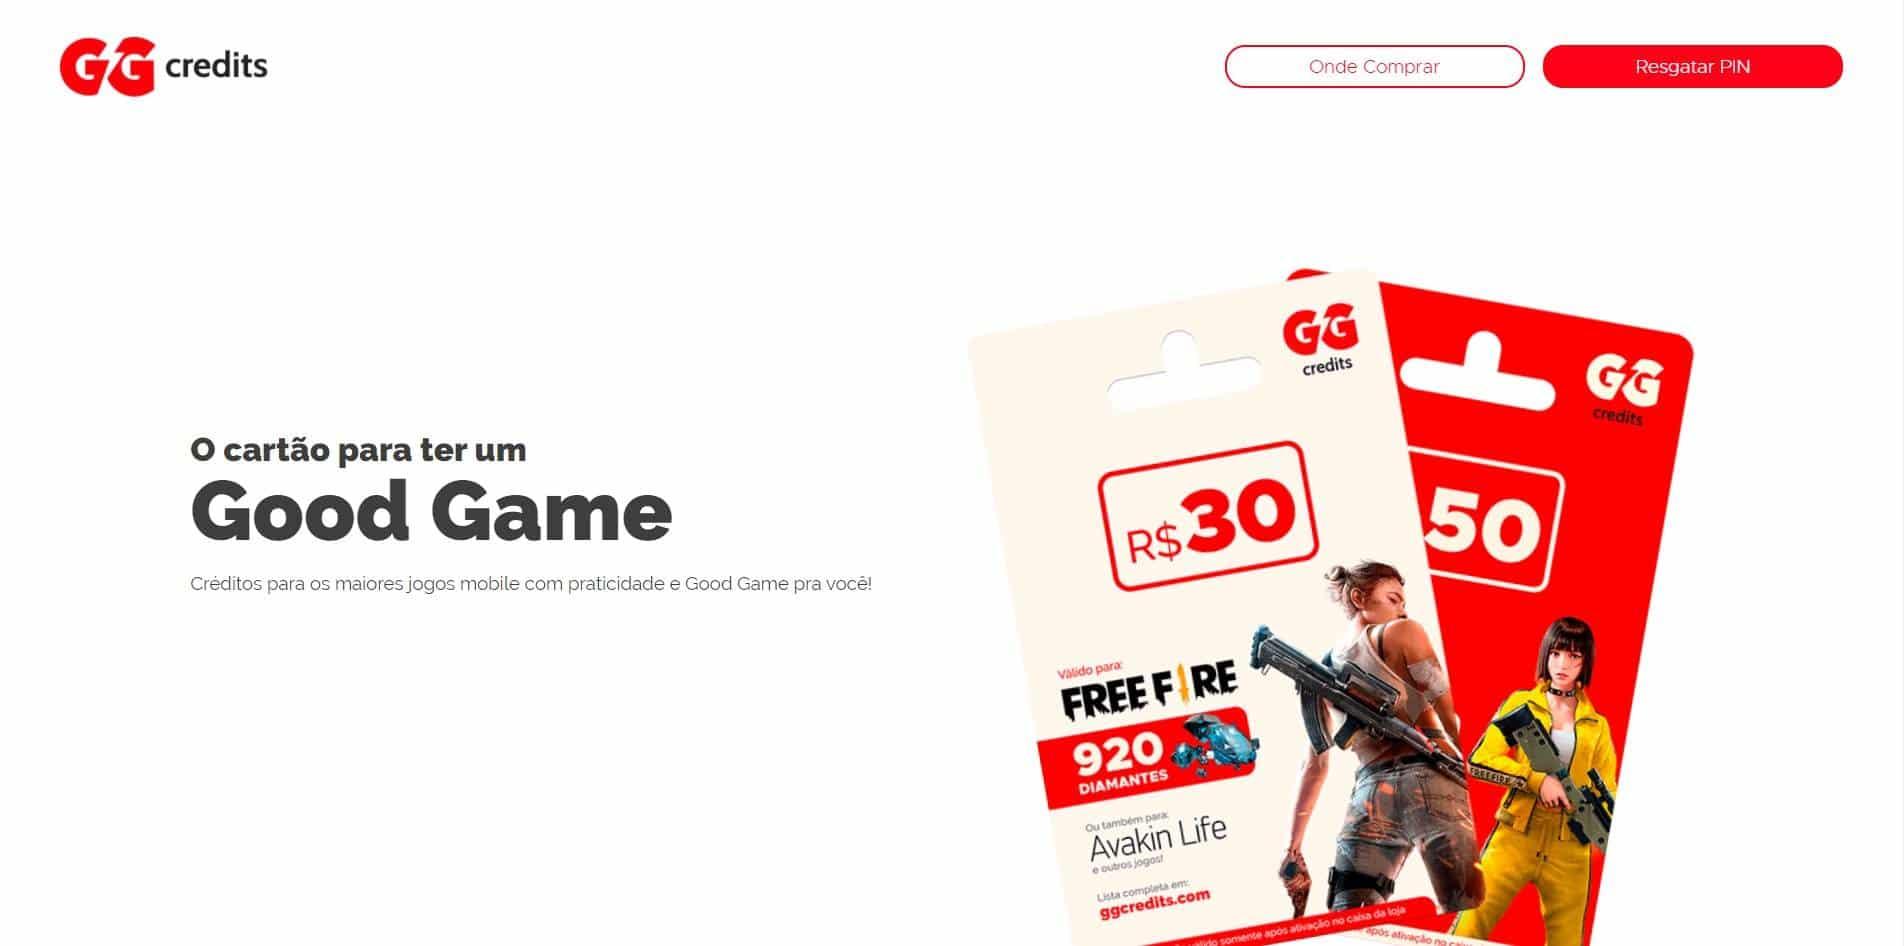 Resgate pode ser feito no site oficial da GG Credits. Crédito: Divulgação/GG Credits